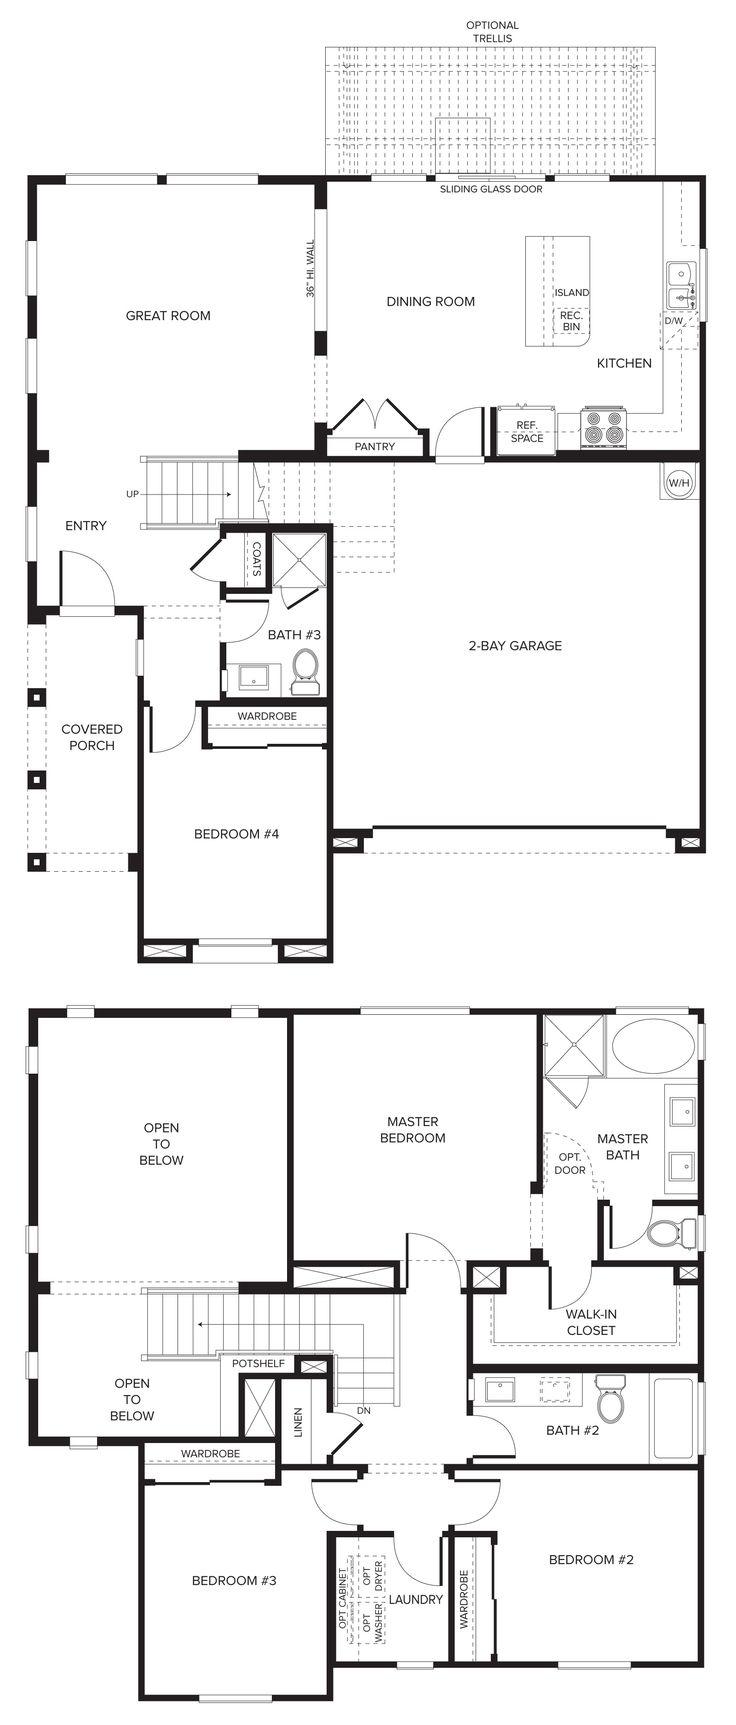 Sandstone plan 1 coming soon from pardee homes las vegas for Las vegas home floor plans